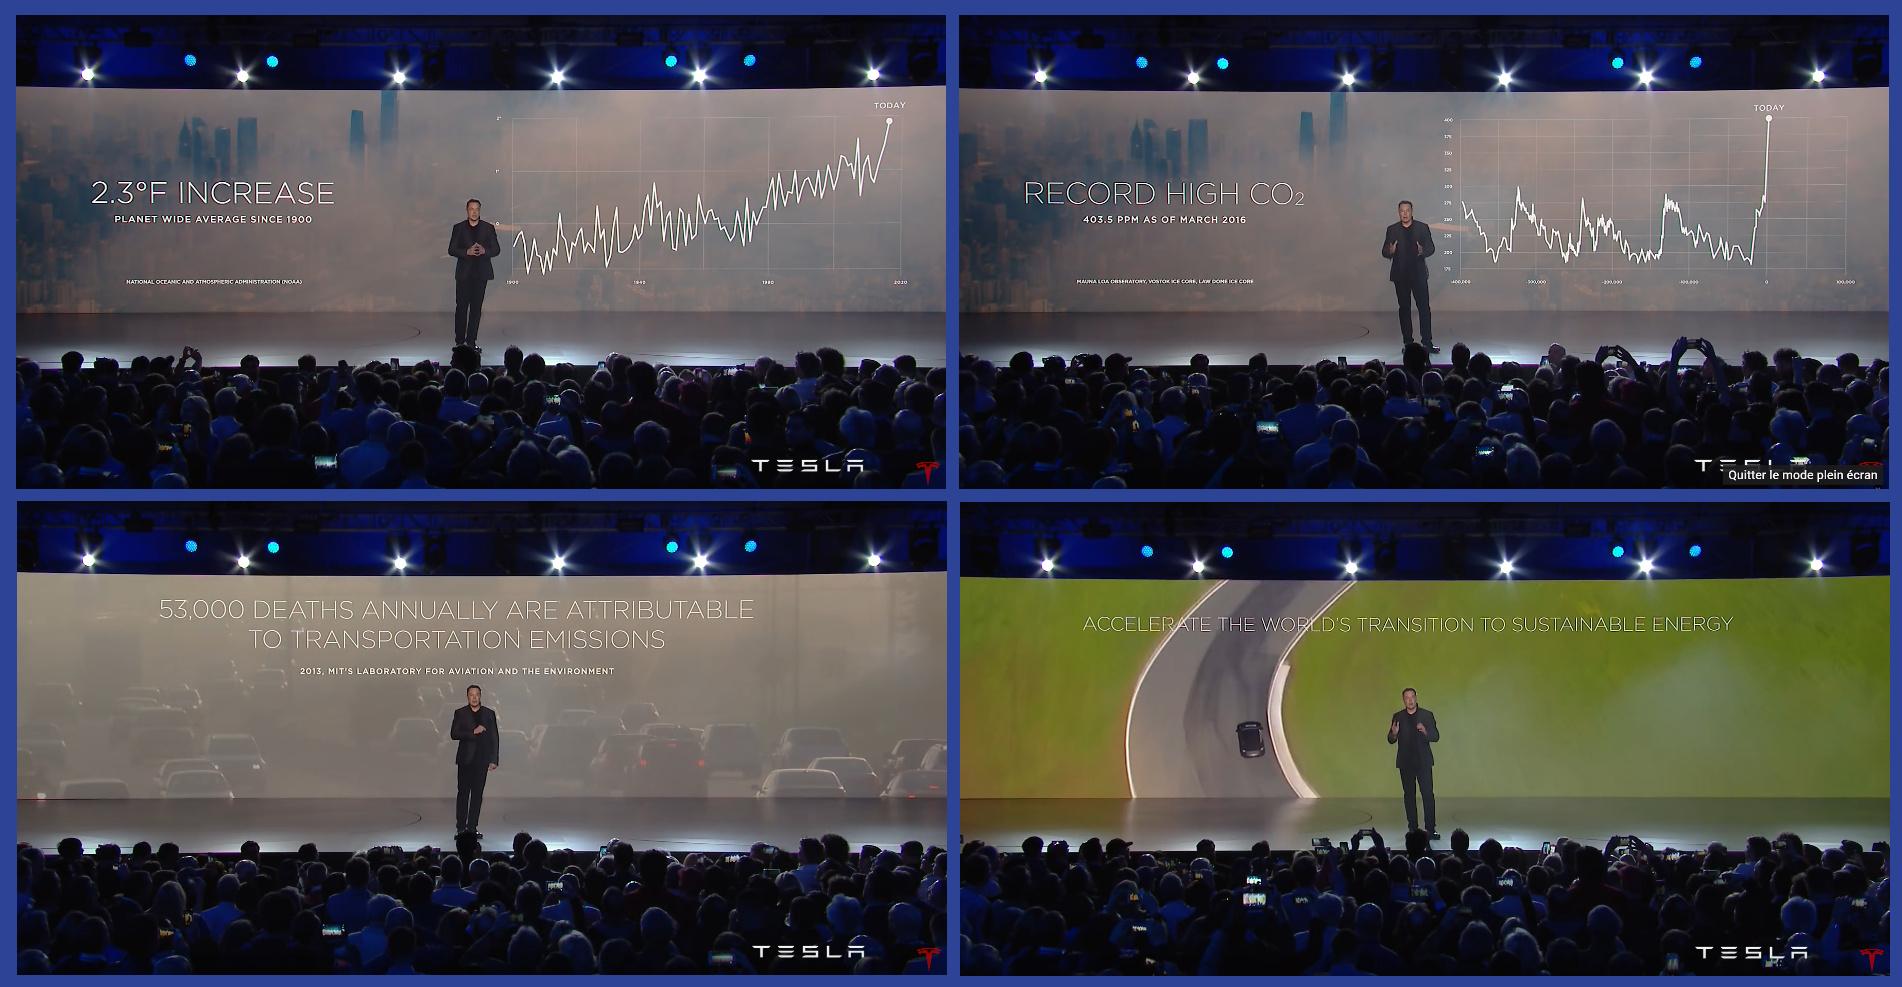 Tesla unveils Model 3 - Elon Musk - Présentation Model 3 - Transition énergétique - Voiture électrique - Réchauffement climatique - Santé